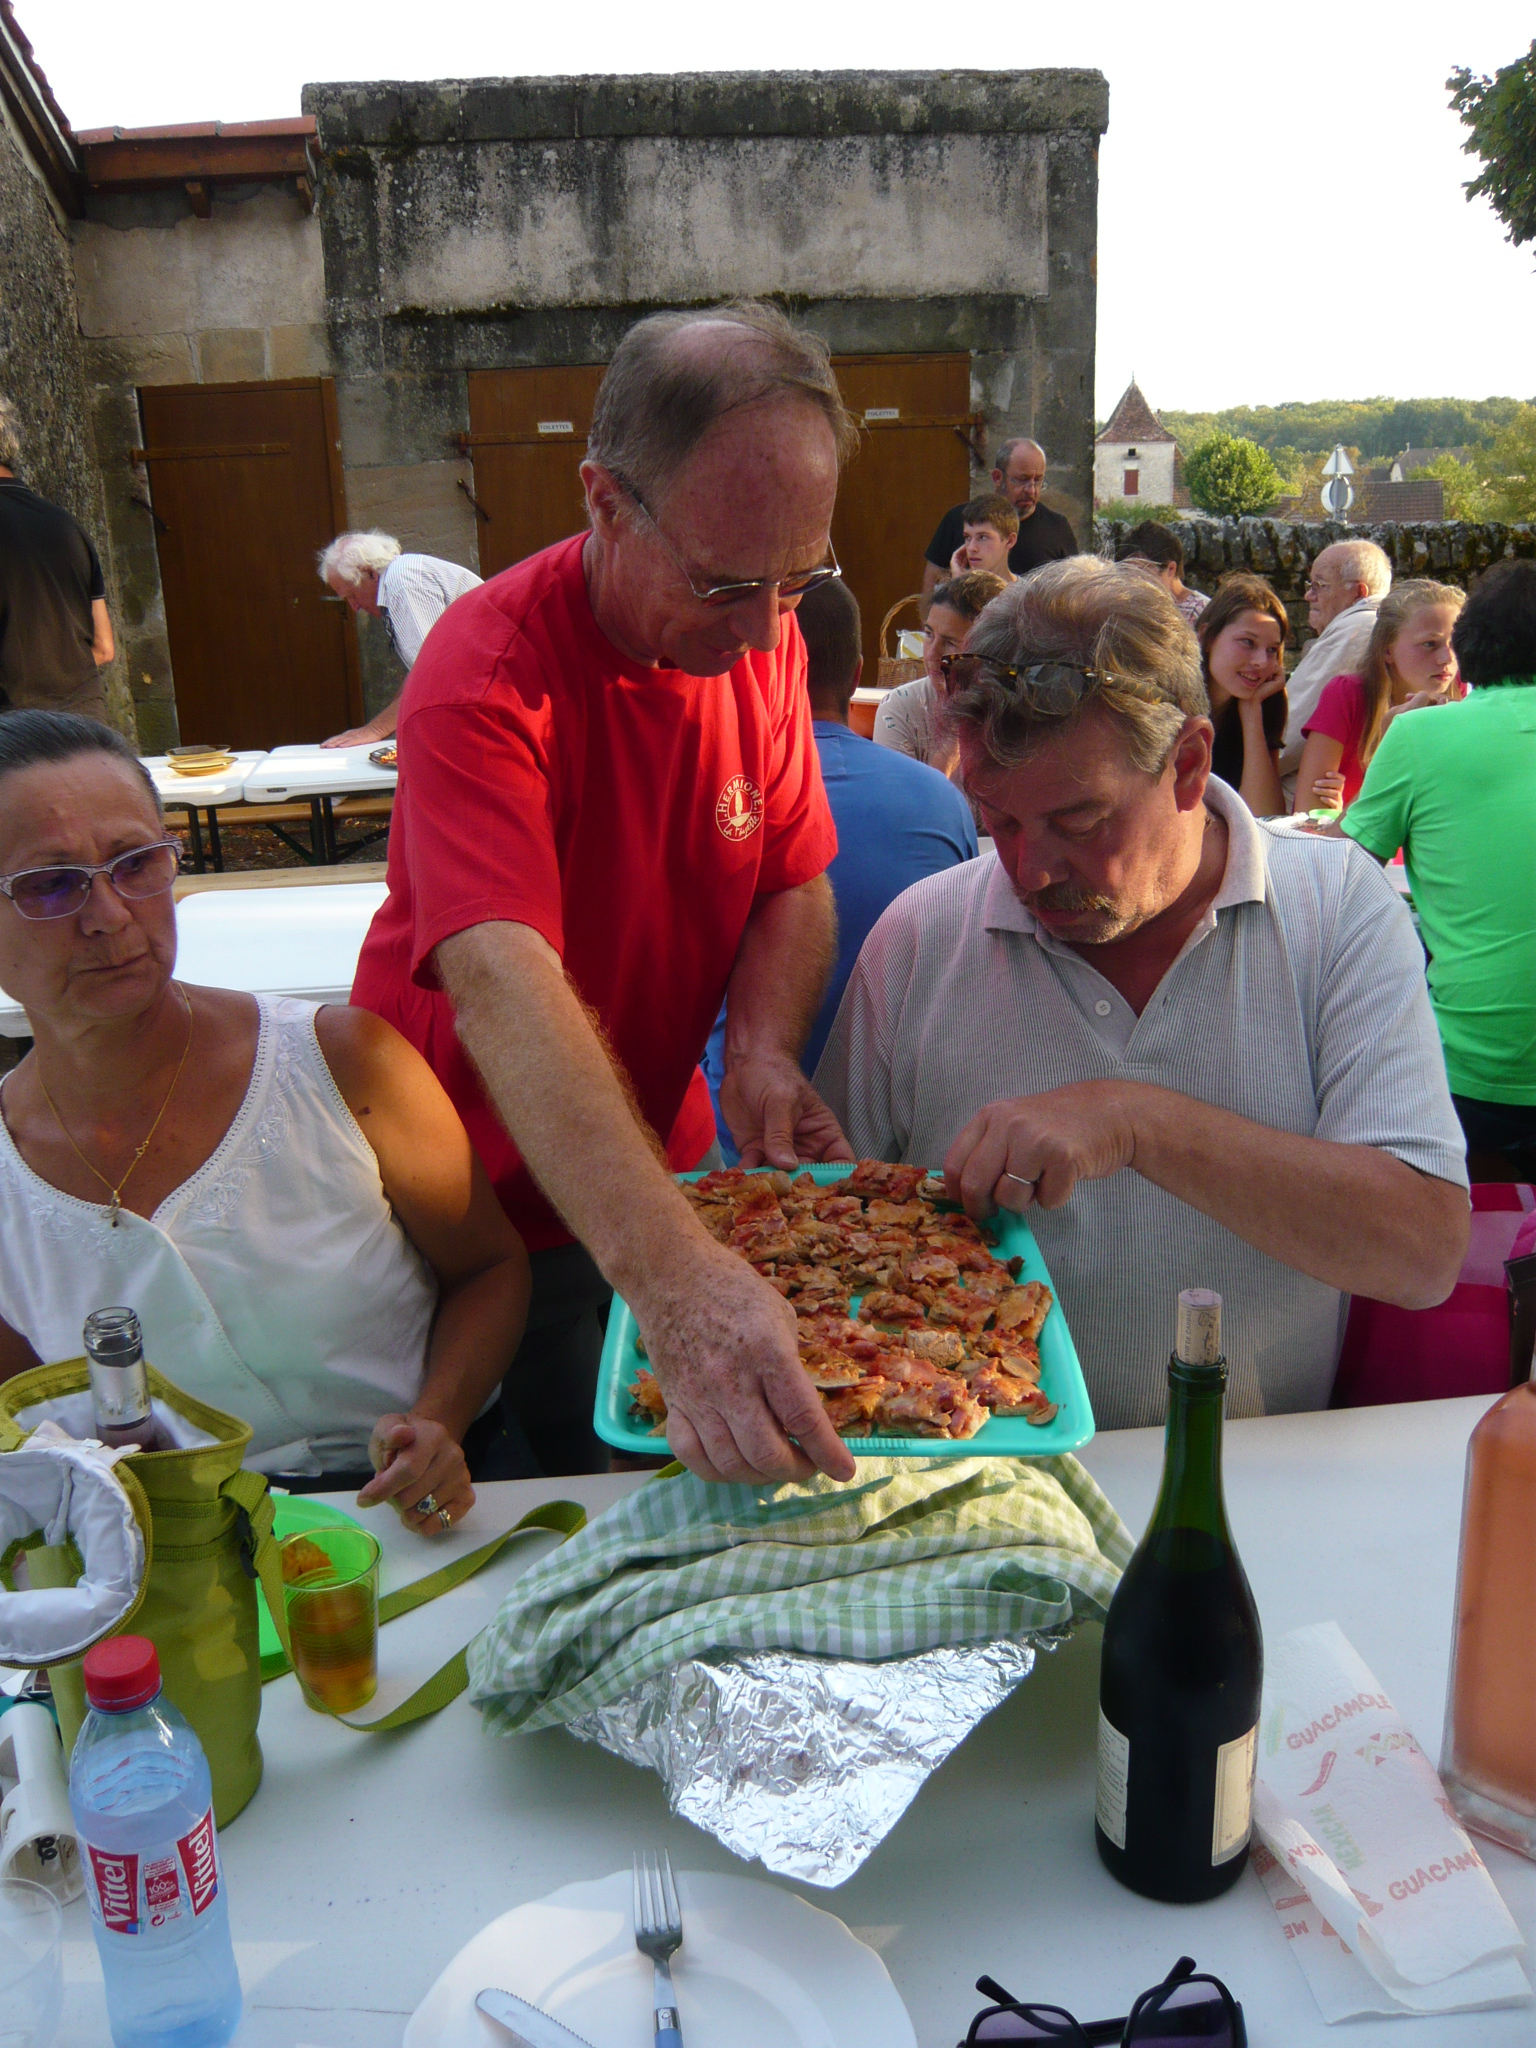 Le repas débute par la distribution des pizzas